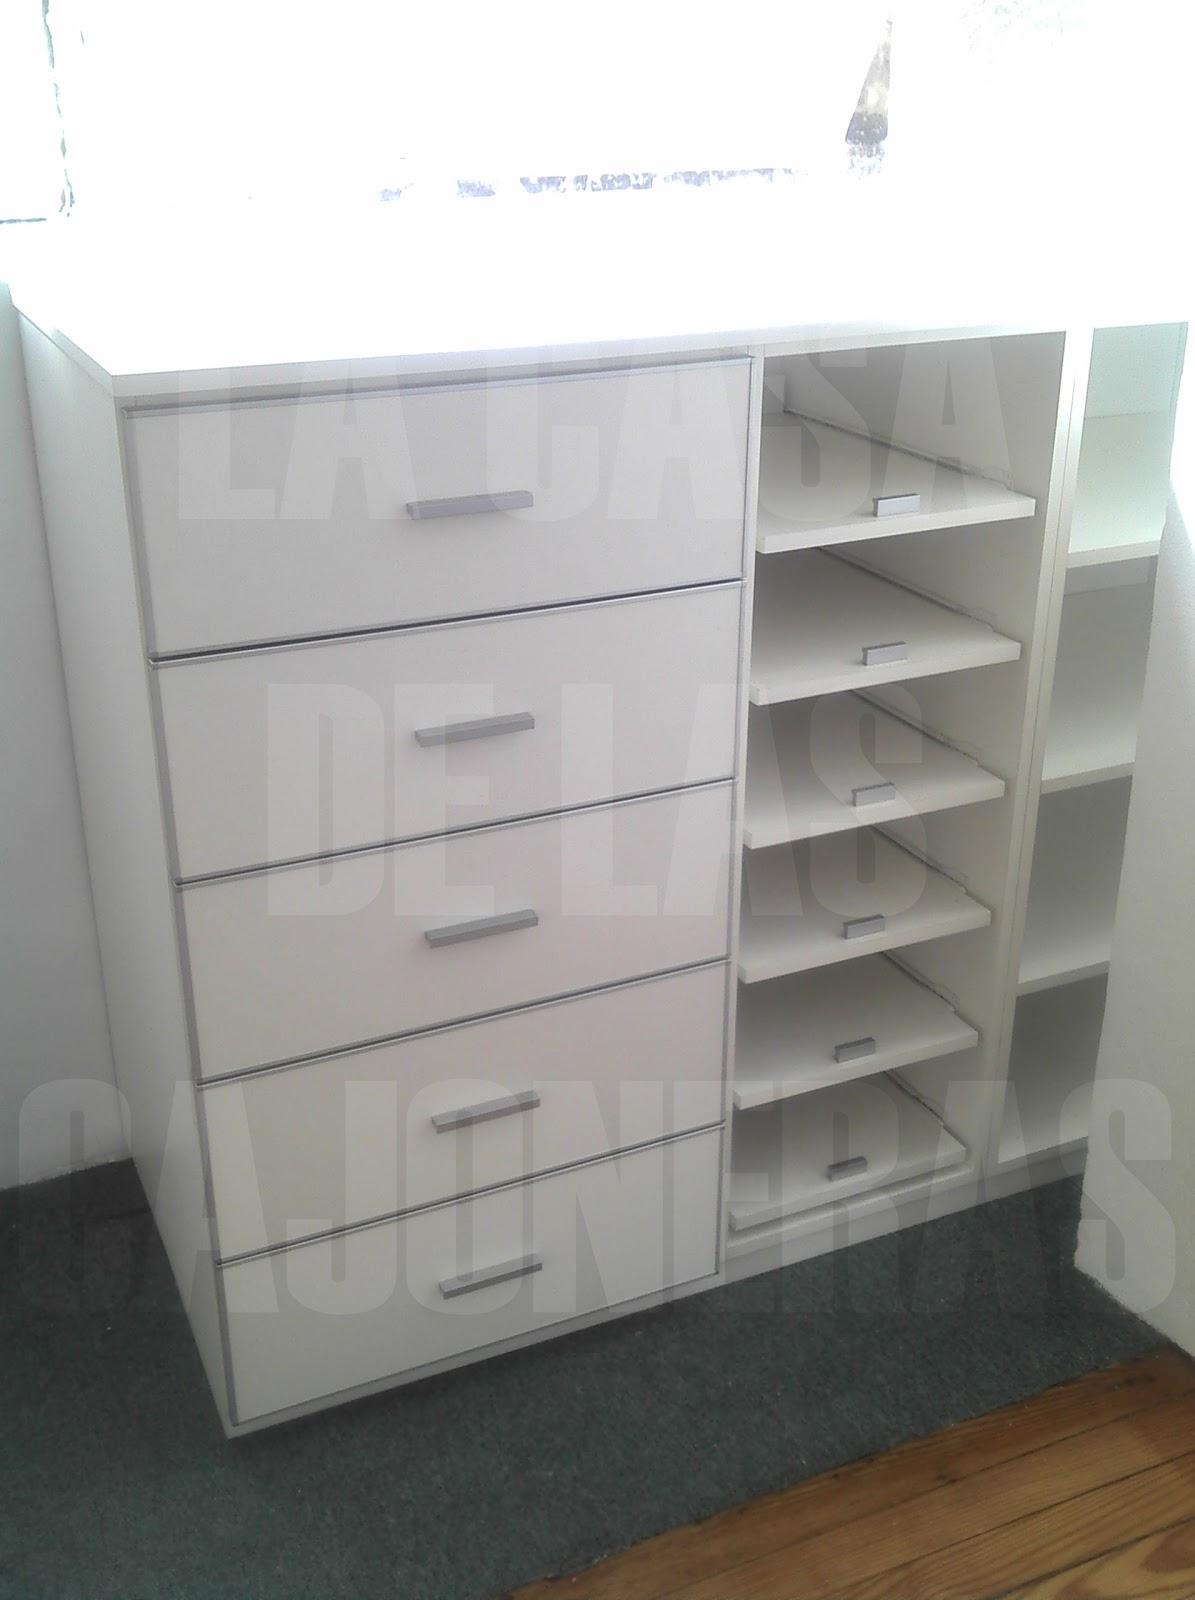 Ofiprecios muebles de oficina sillas de oficina share for Muebles de oficina lugo